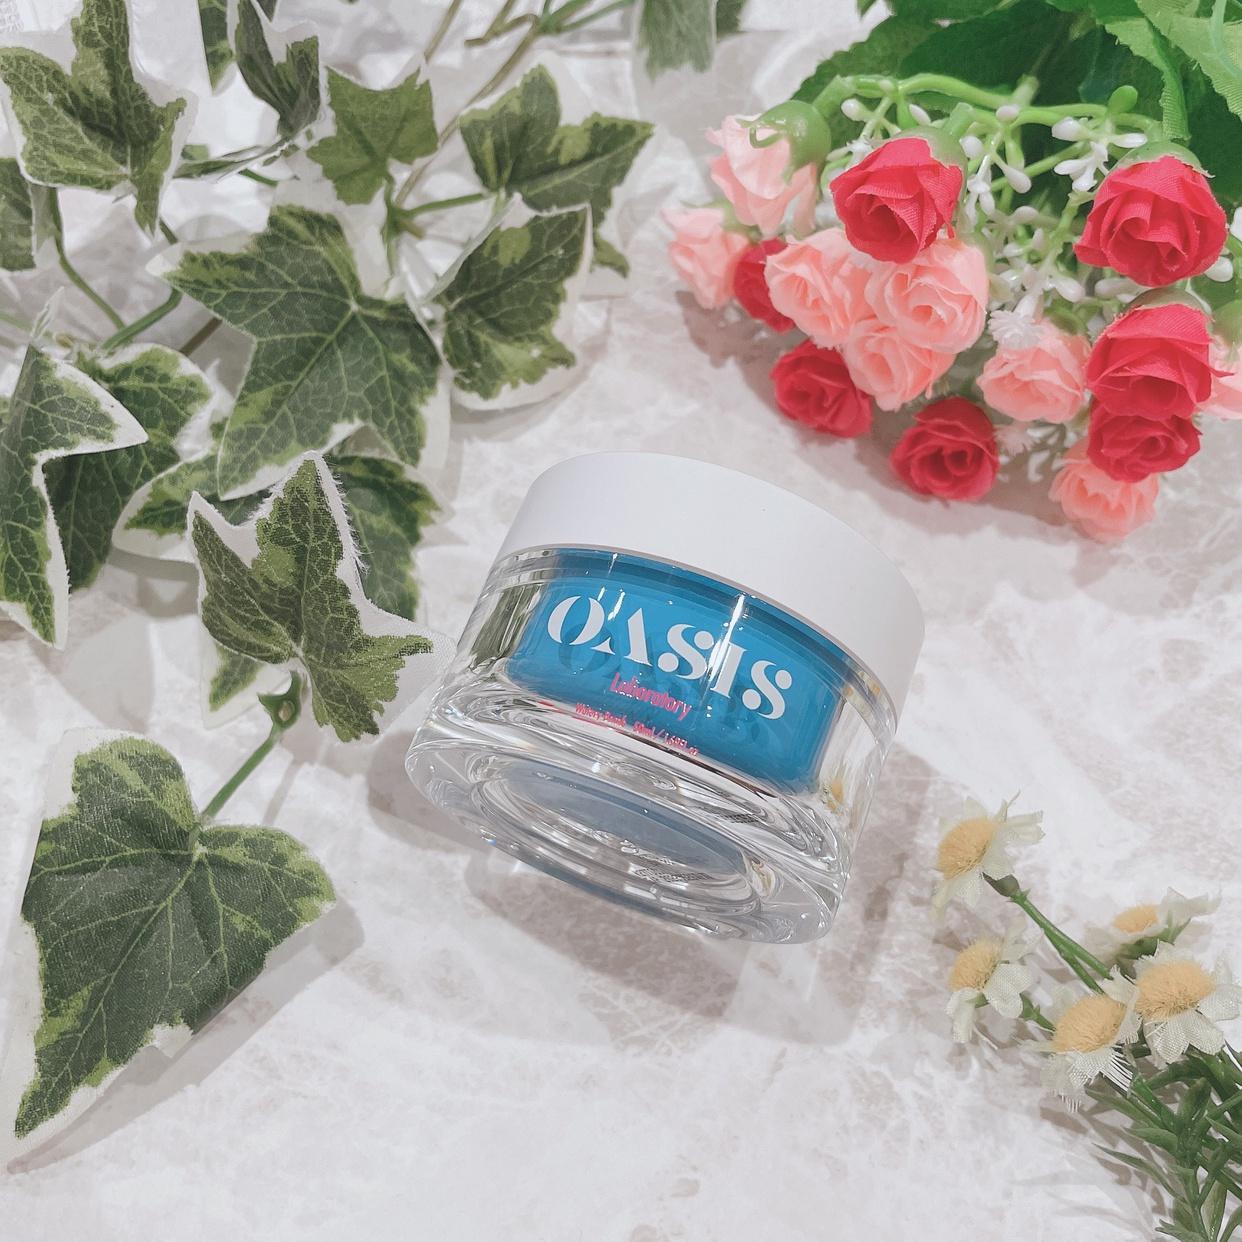 Oasis Laboratory(オアシスラボ) ウォータリーボムを使ったひとみんさんのクチコミ画像2